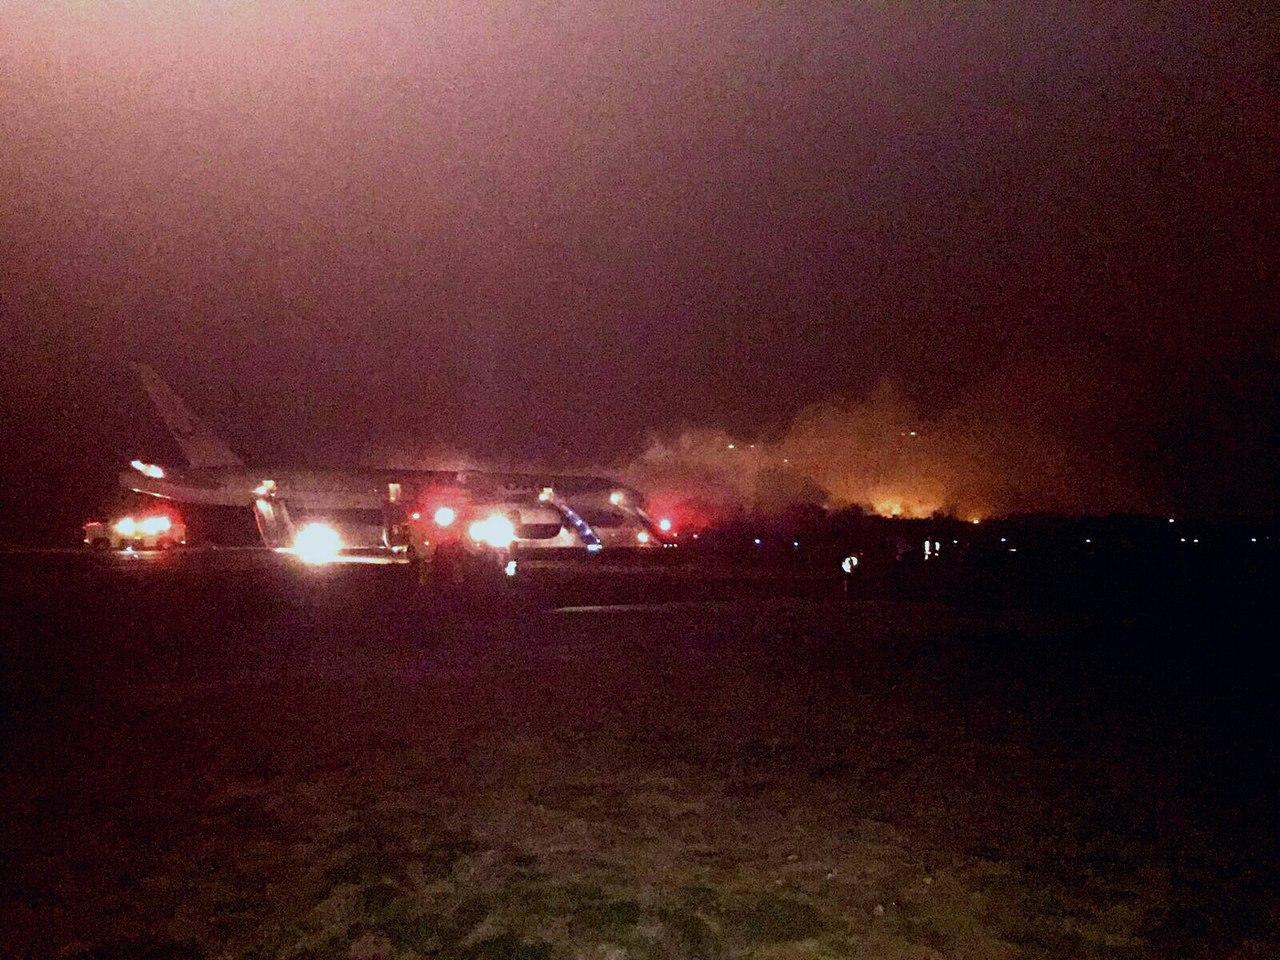 фото горящего самолета из доминиканы расположен одном самых